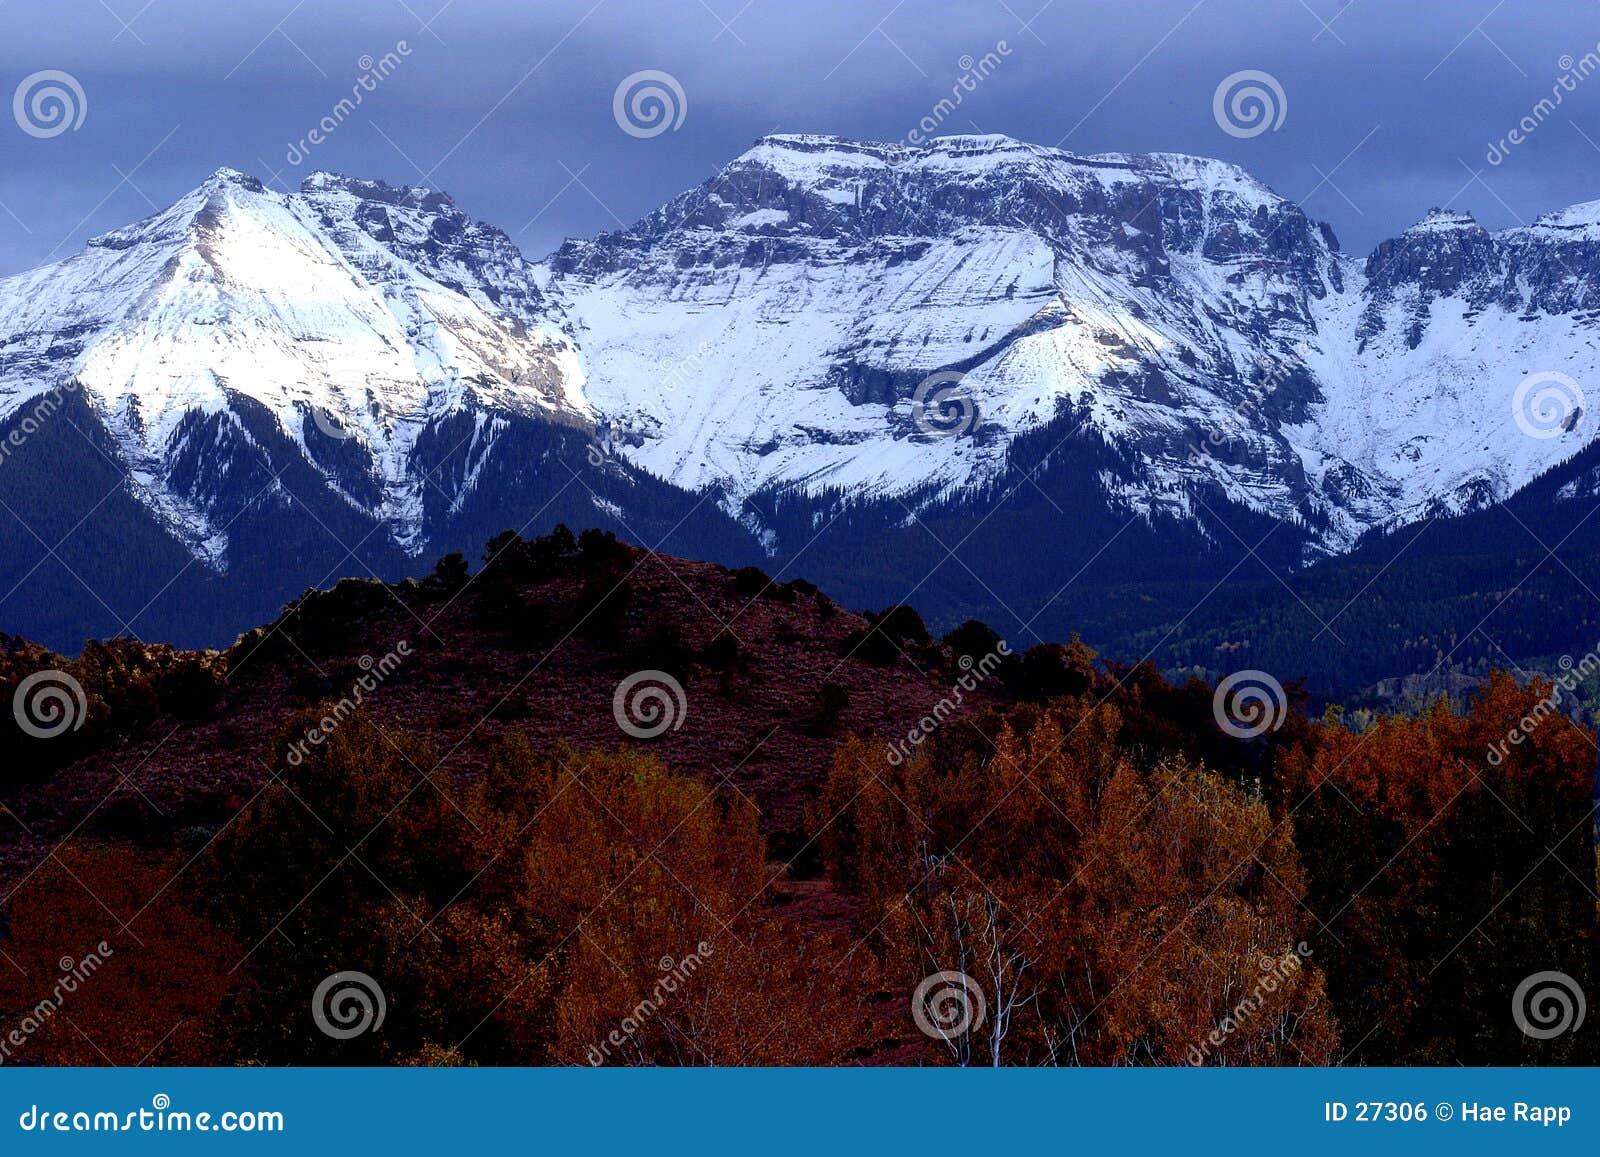 Download Rango de montaña foto de archivo. Imagen de cubo, caída - 27306